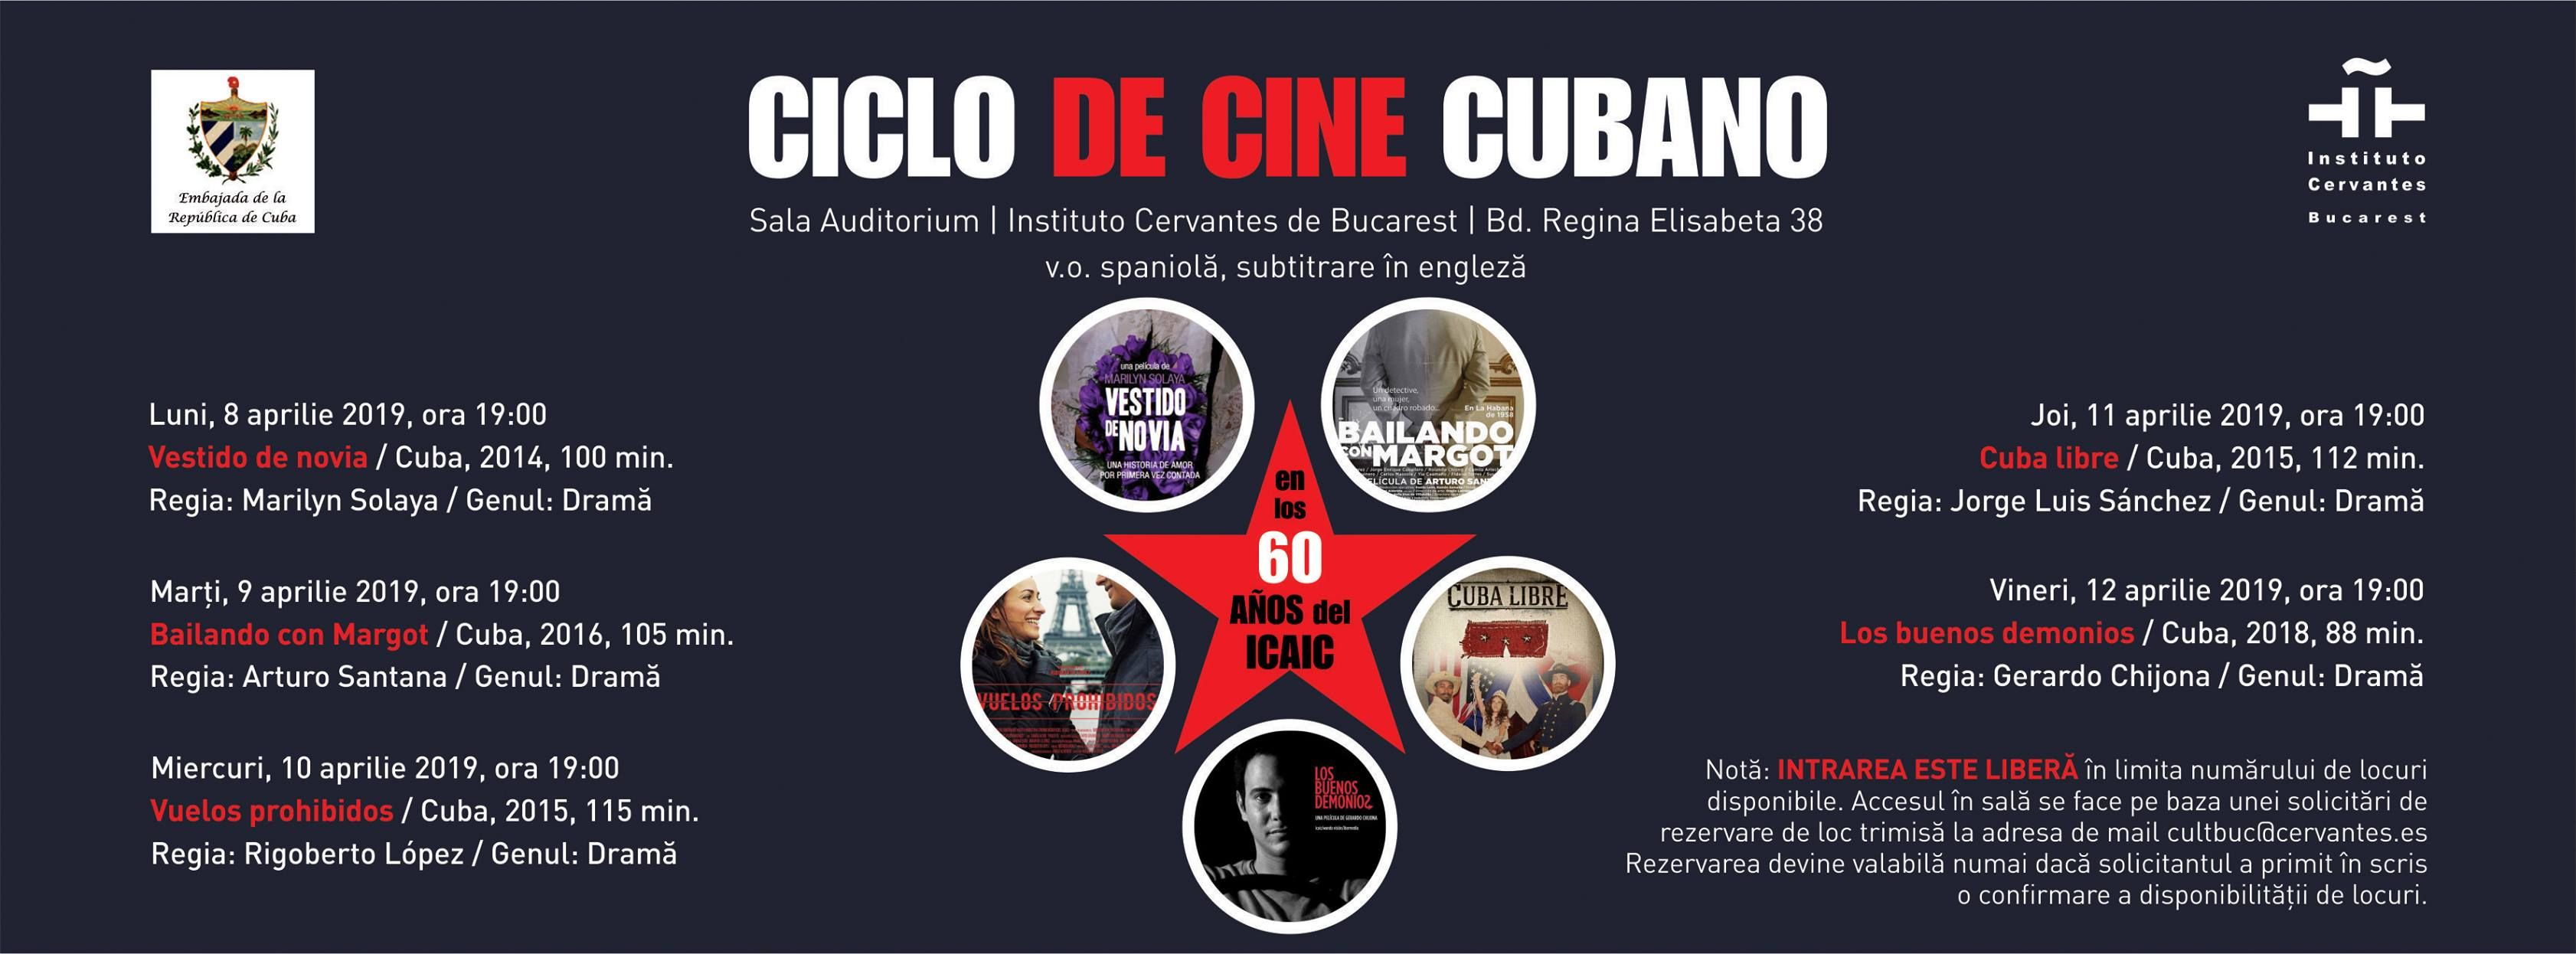 ciclo-de-cine-cubano-en-bucarest